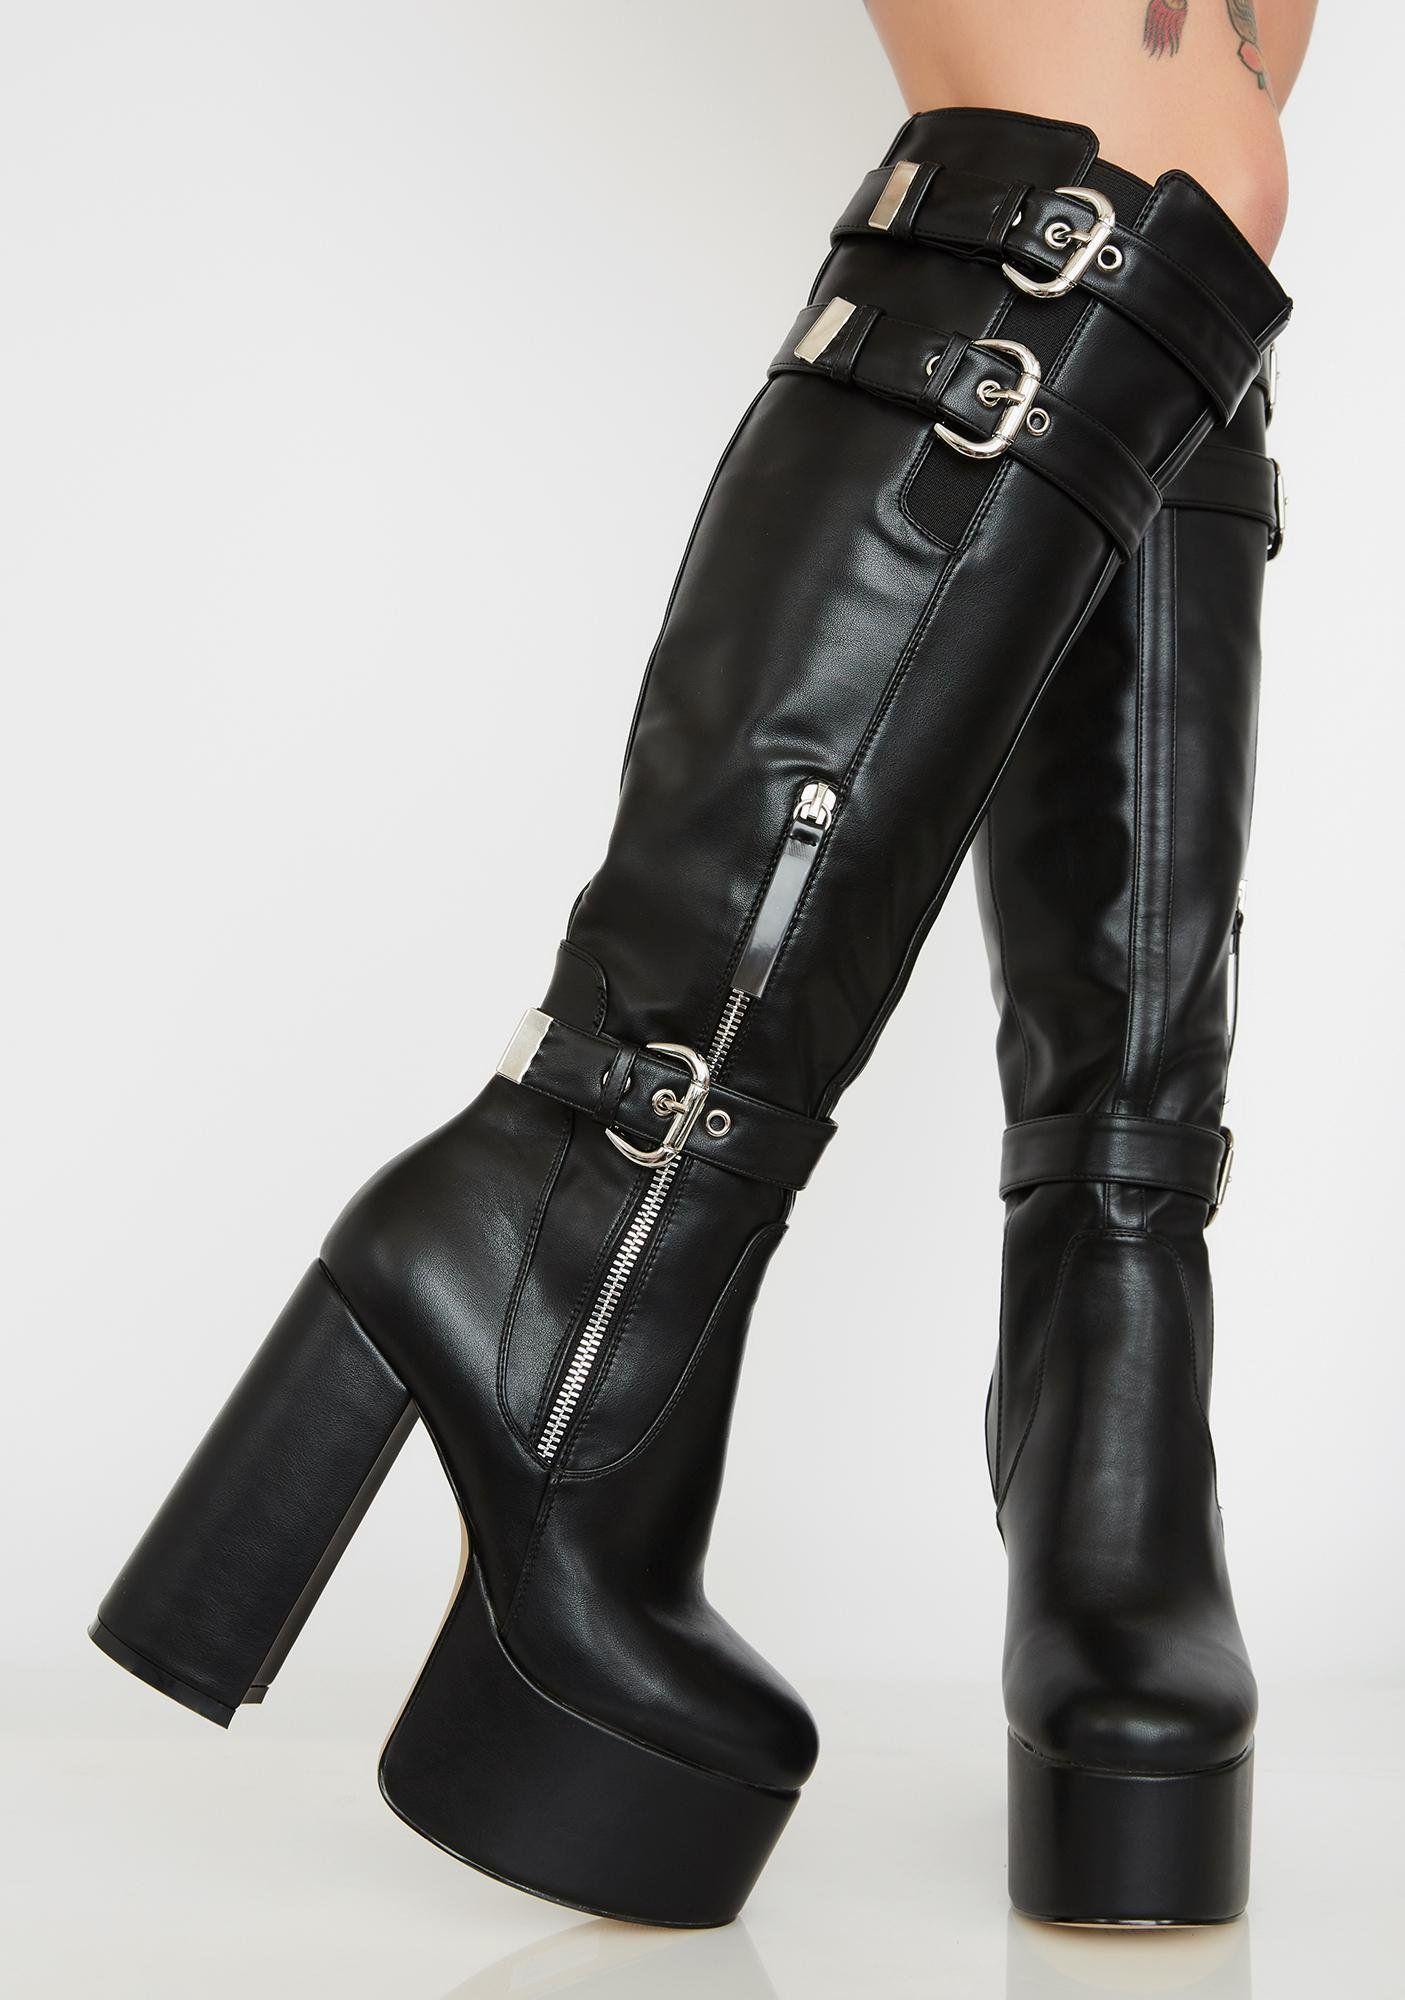 Notorious Platform Boots | Platform boots, Boots, Knee high